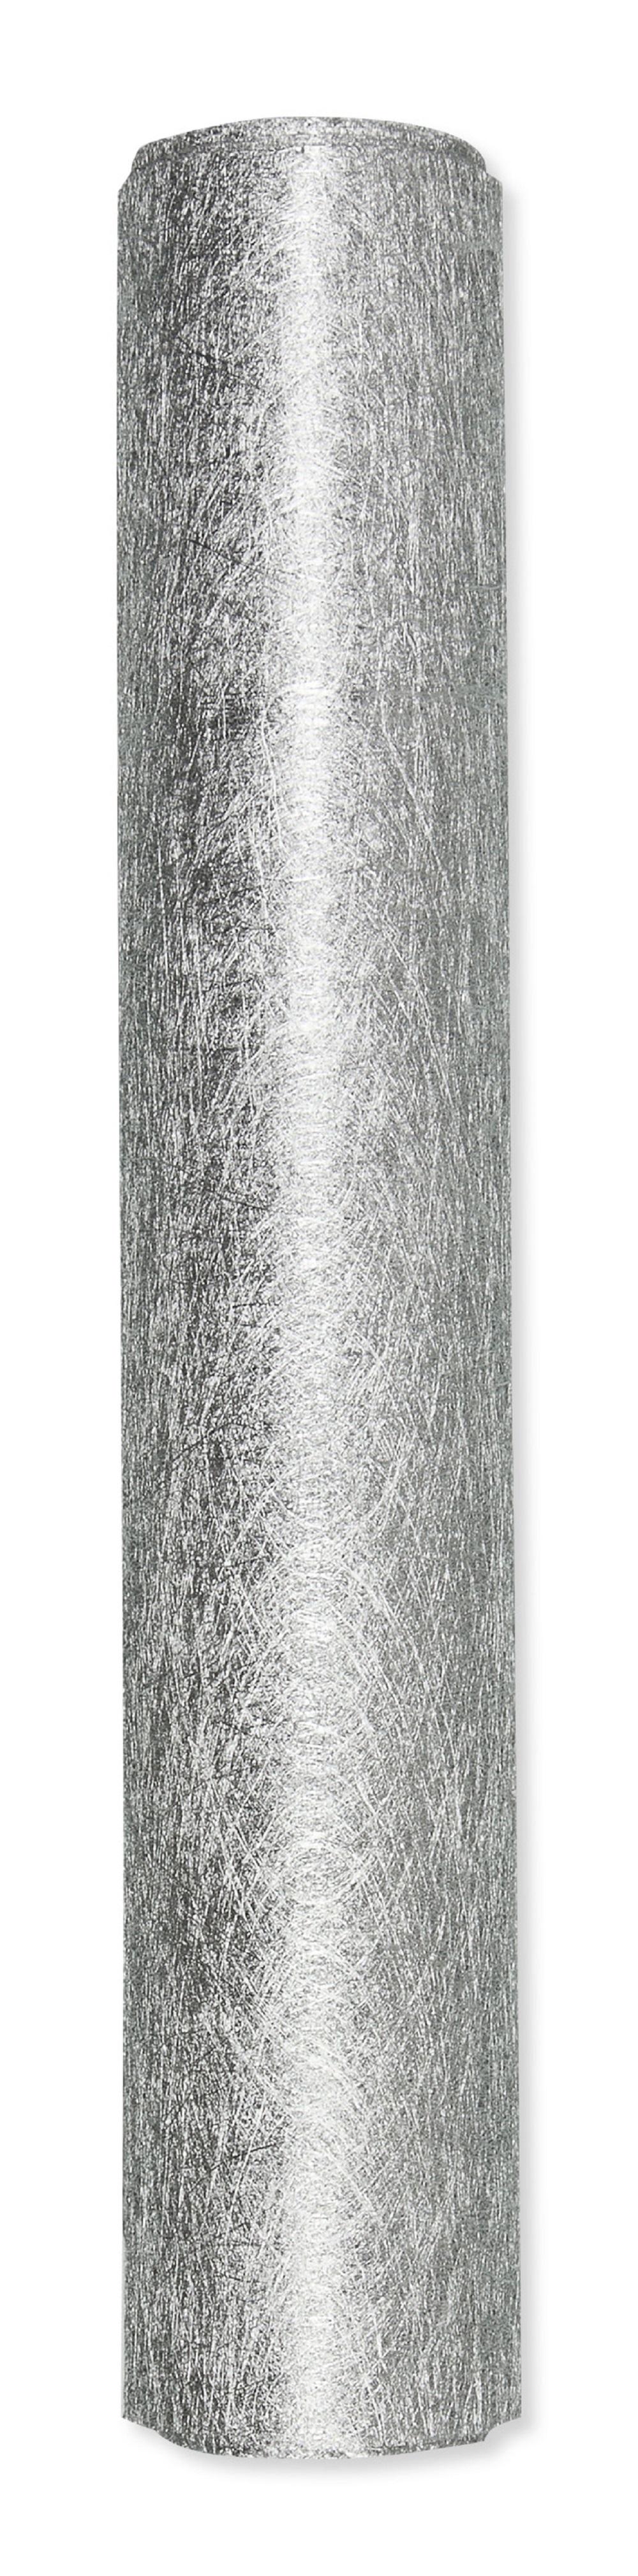 Deko vlies in silber 24cm4m 1stk g nstig kaufen for Deko in silber